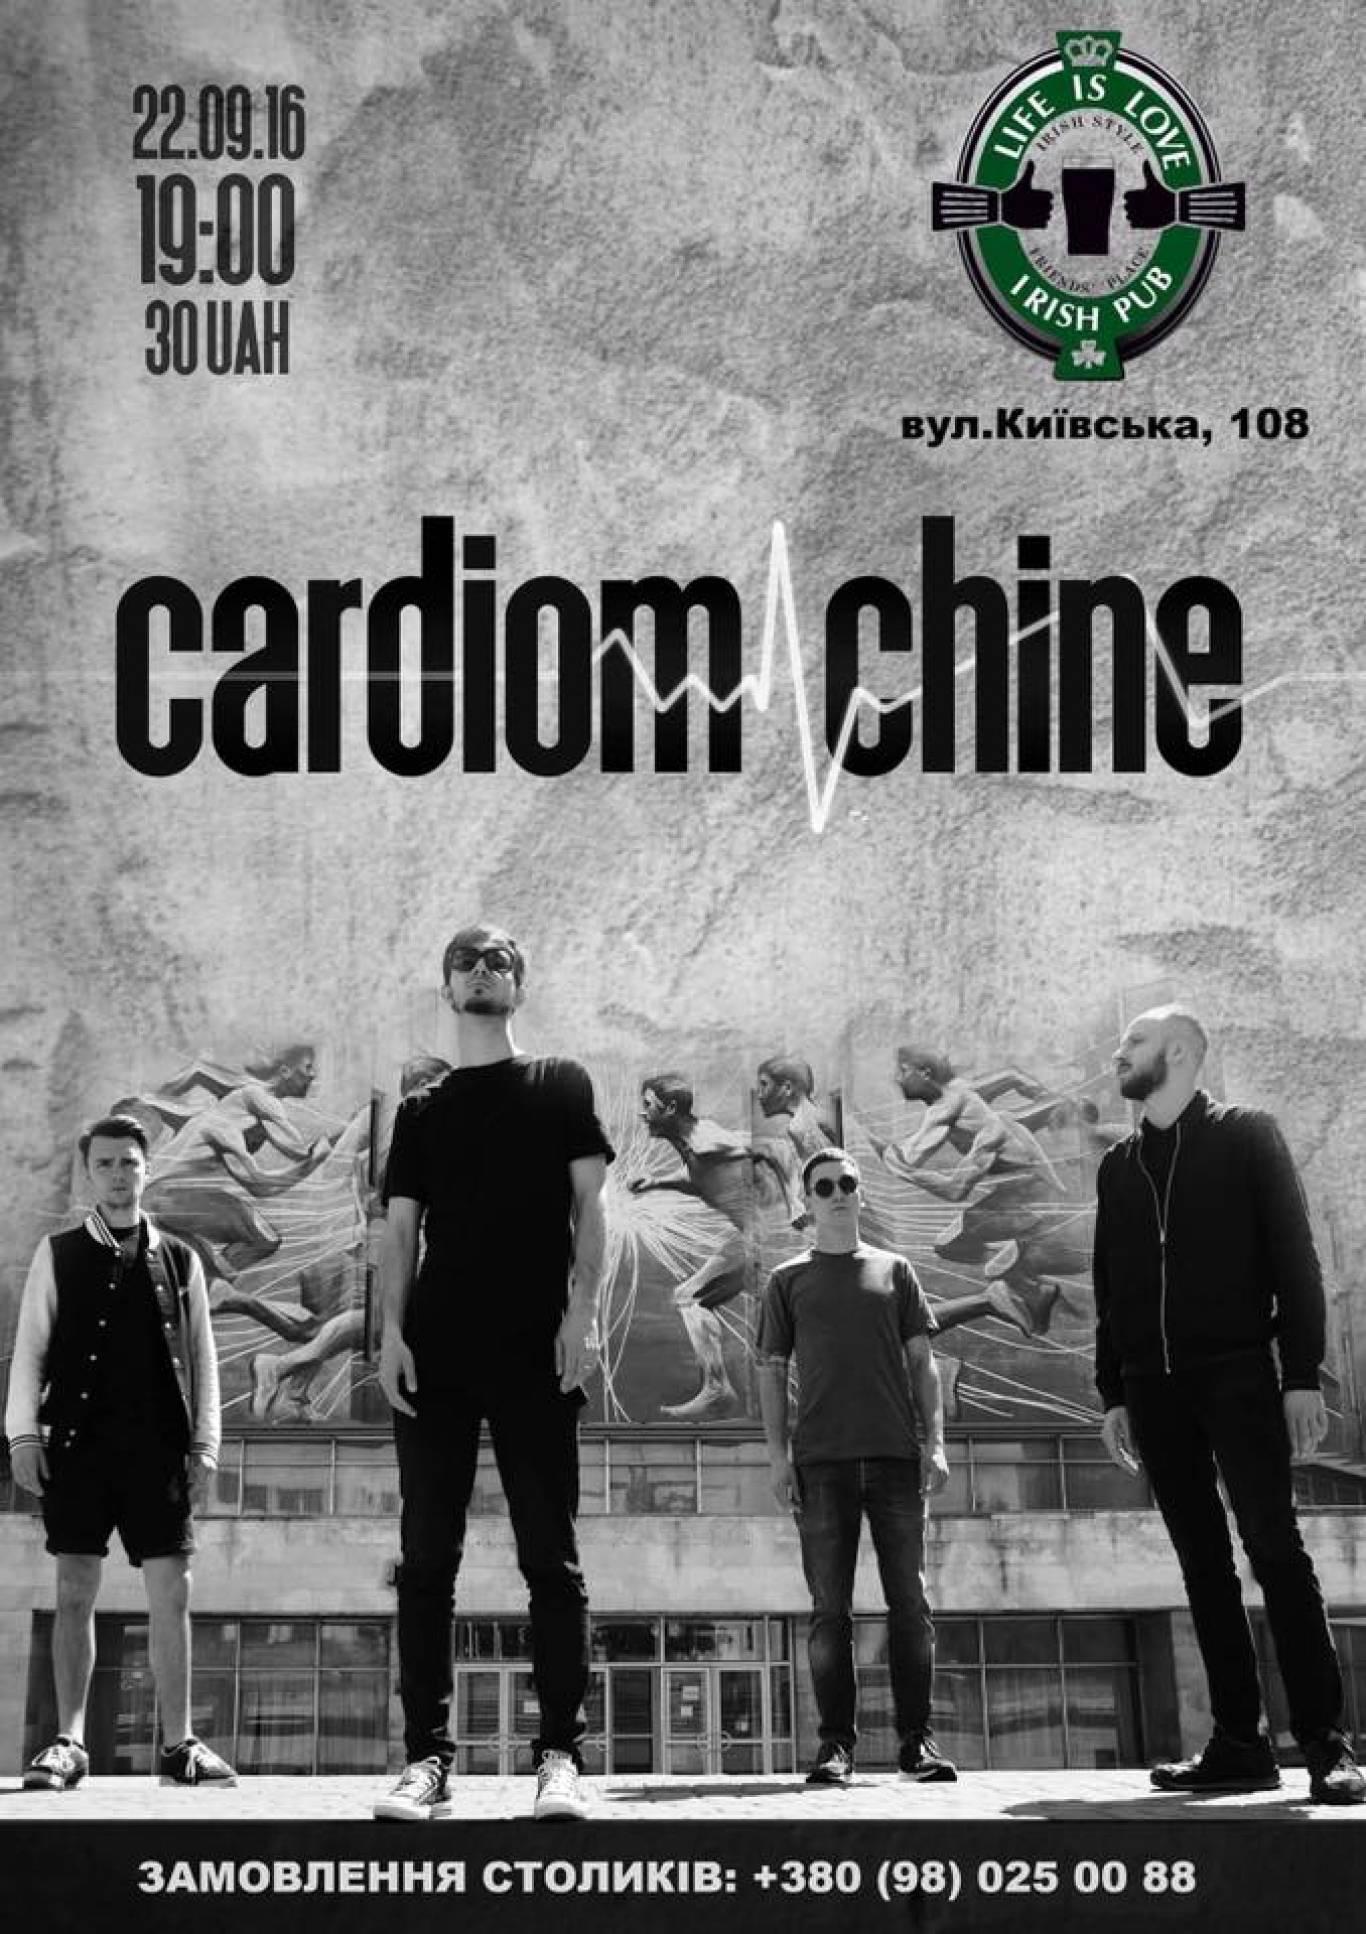 Концерт рок-группы Cardiomachine в Irish Pub